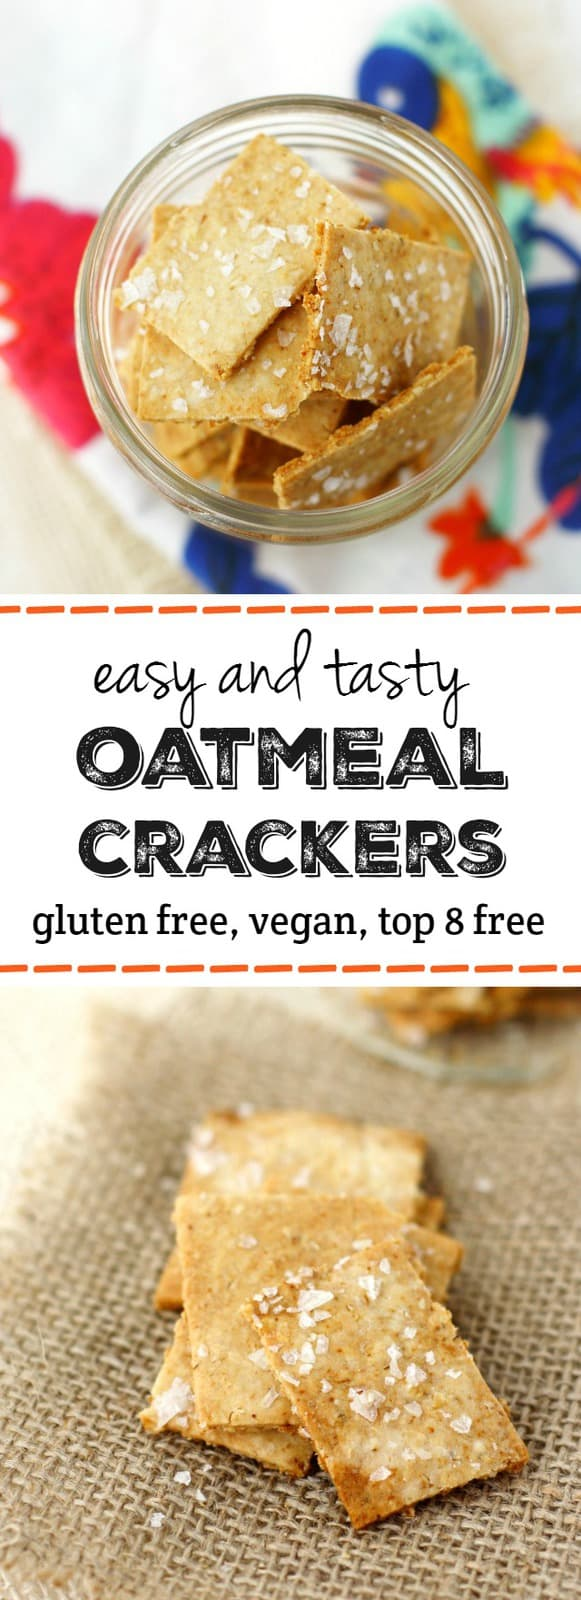 Facile e deliziosa ricetta croccante, croccante senza glutine cracker. Questa ricetta è così gustosa e molto più economica dei cracker acquistati dal negozio!